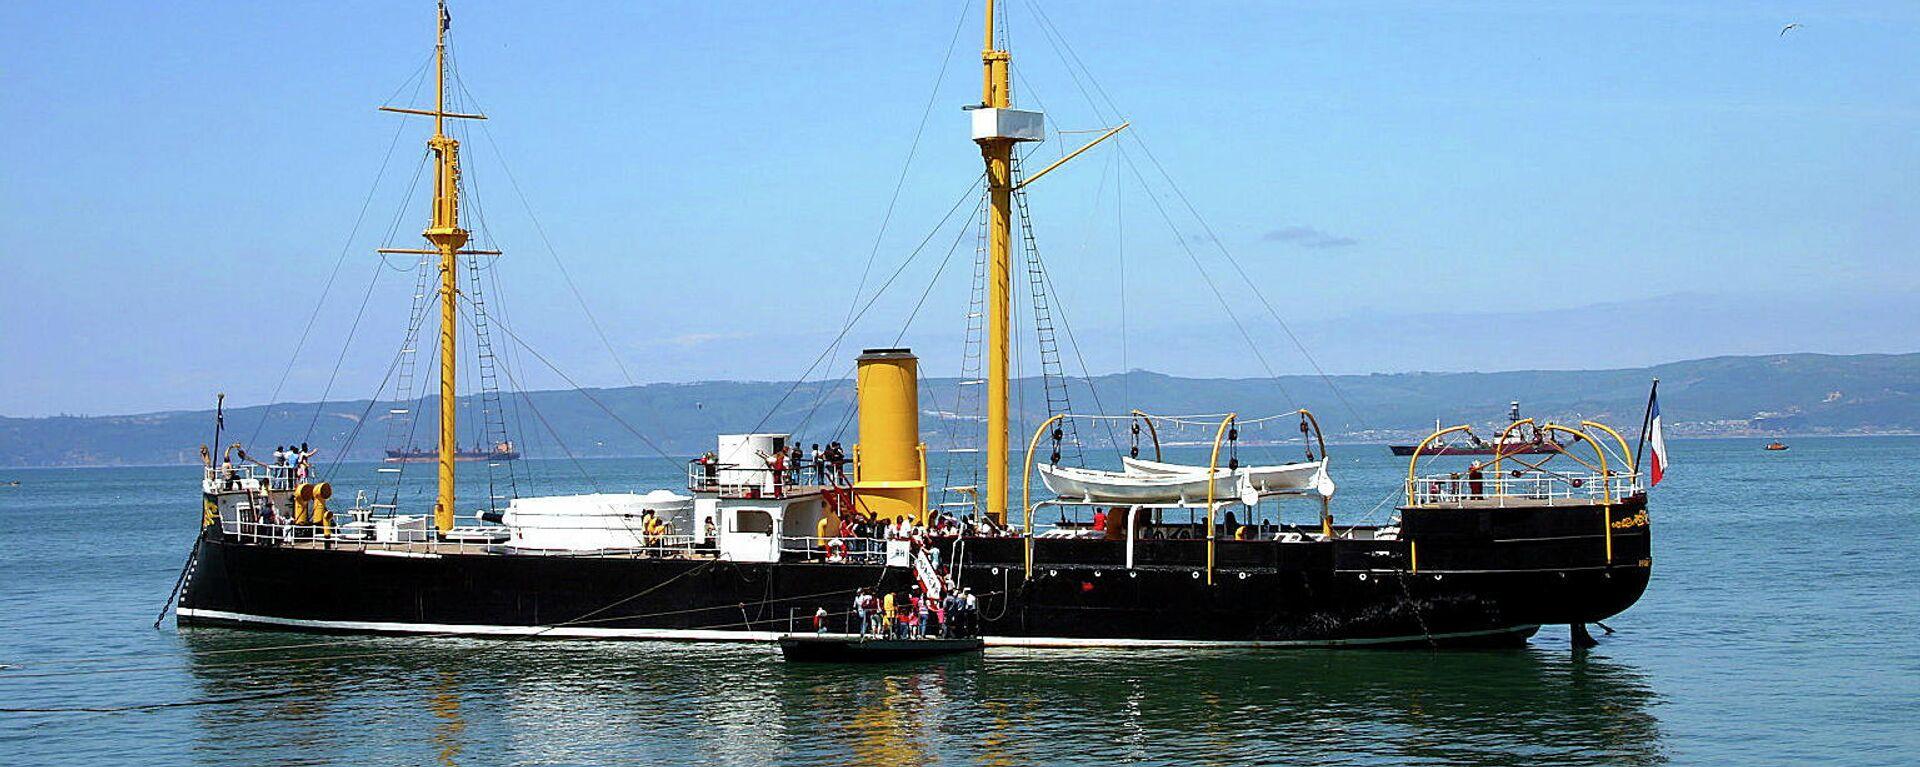 El buque peruano Huáscar, capturado por Chile durante la Guerra del Pacífico - Sputnik Mundo, 1920, 24.03.2021